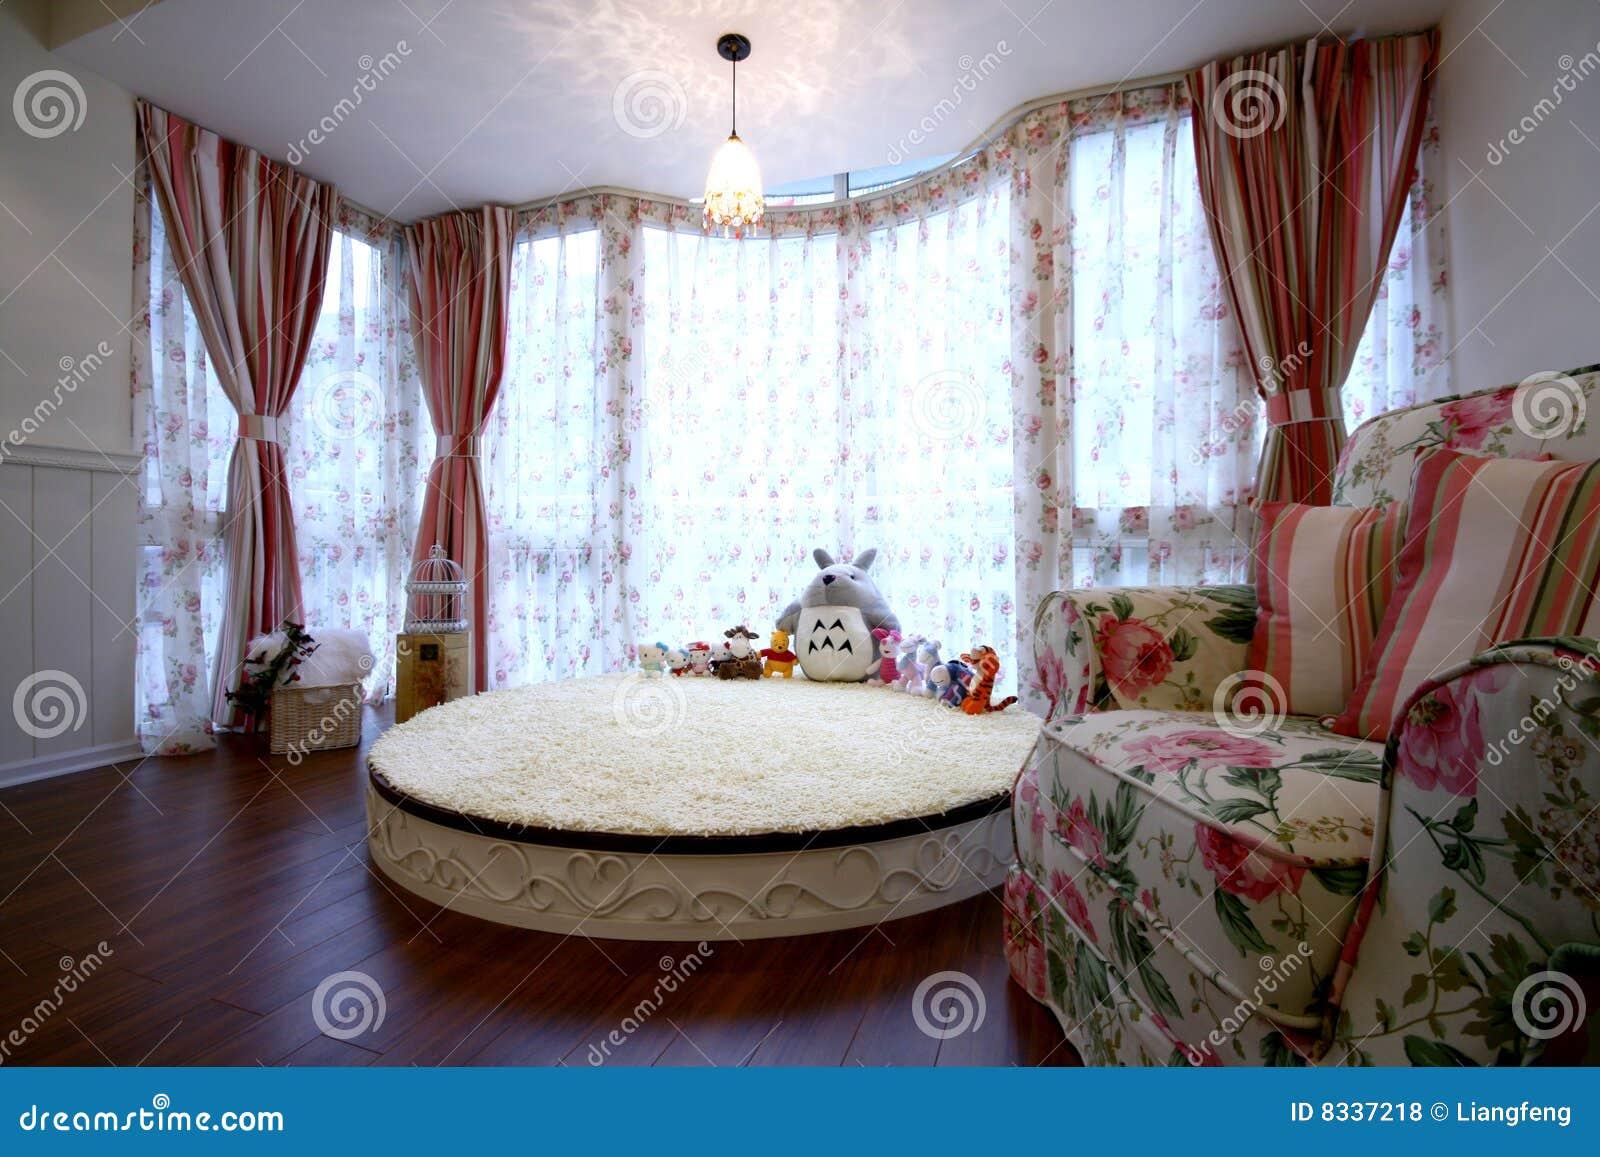 Gewone huisdecoratie royalty vrije stock foto 39 s afbeelding 8337218 - Decoratie industriele huis ...